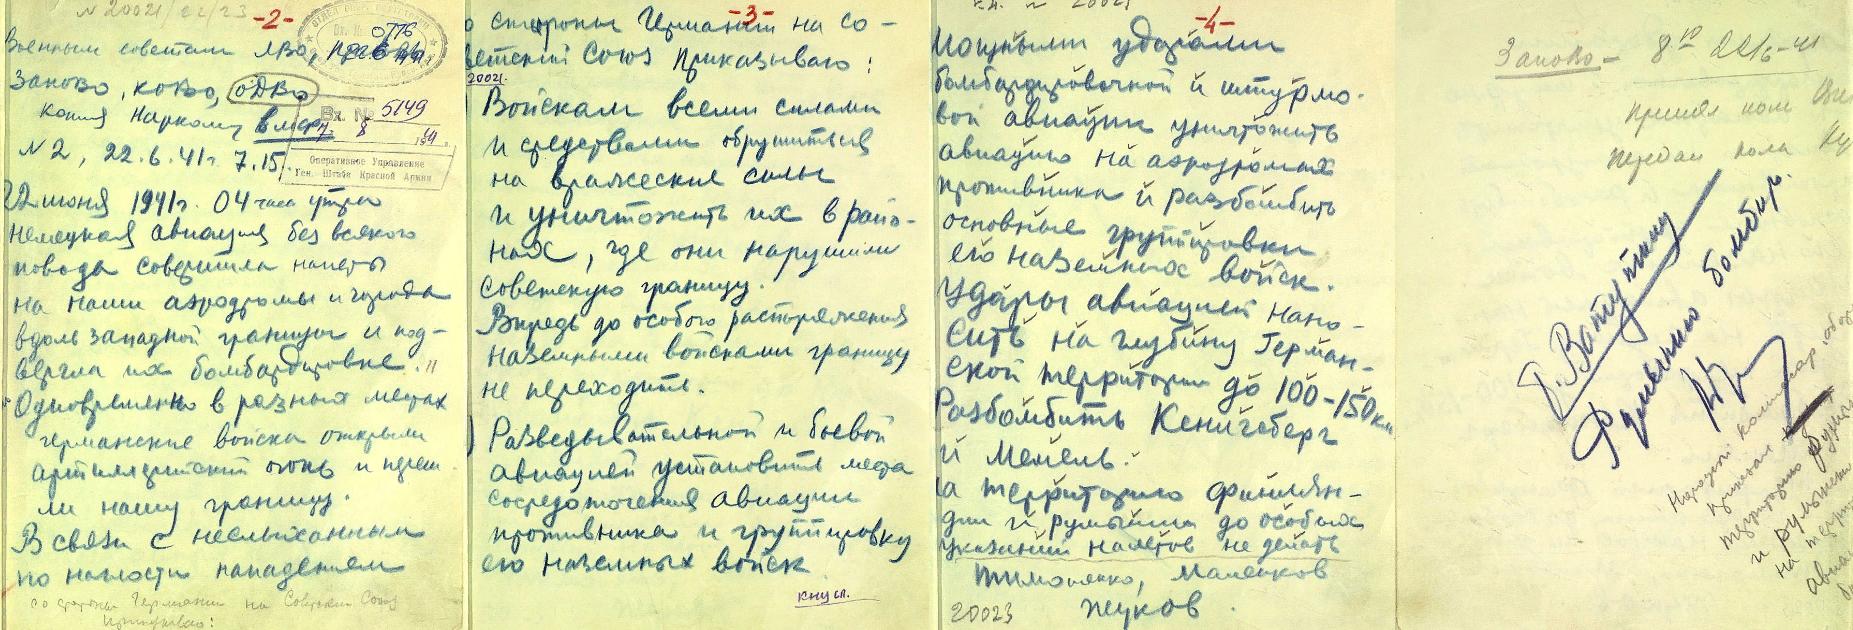 Боевой приказ Народного Комиссара Обороны №2 от 22 июня 1941 г.